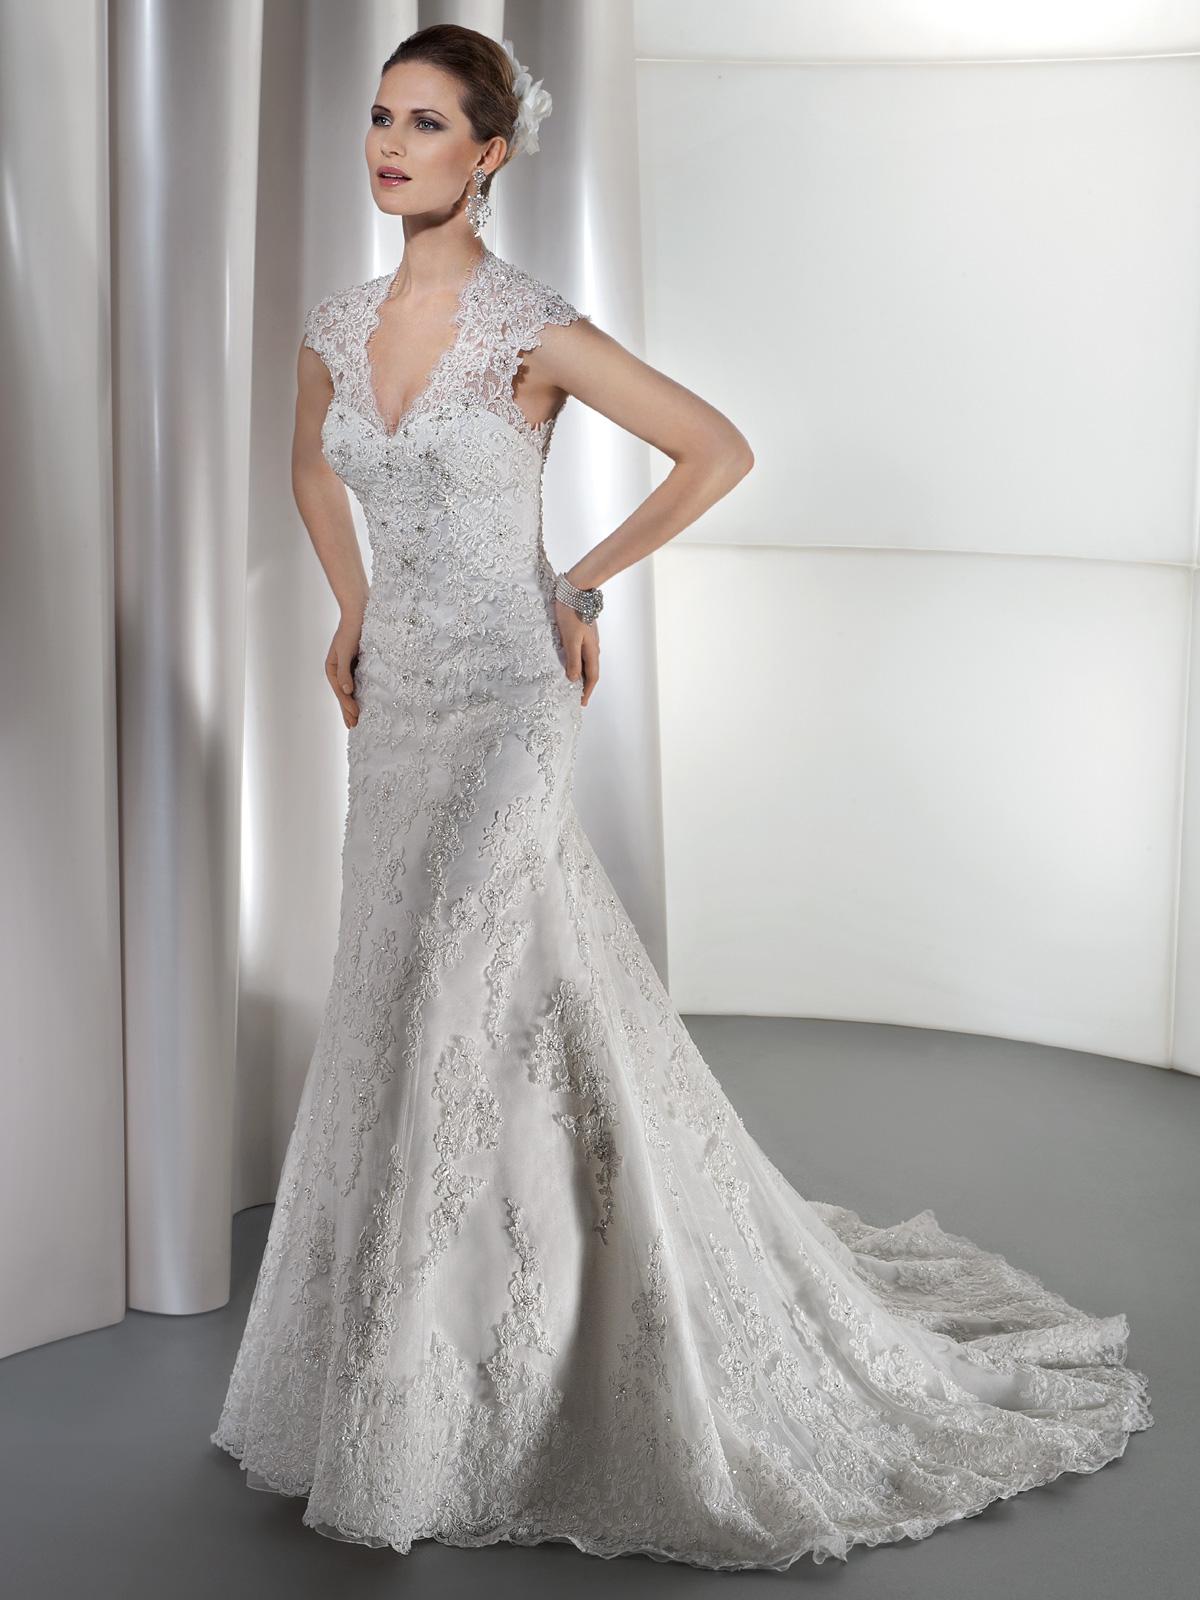 Vestido de Noiva com manga curta, todo em renda levemente rebordada, recorte sereia e decote profundo nas costas, leve cauda.